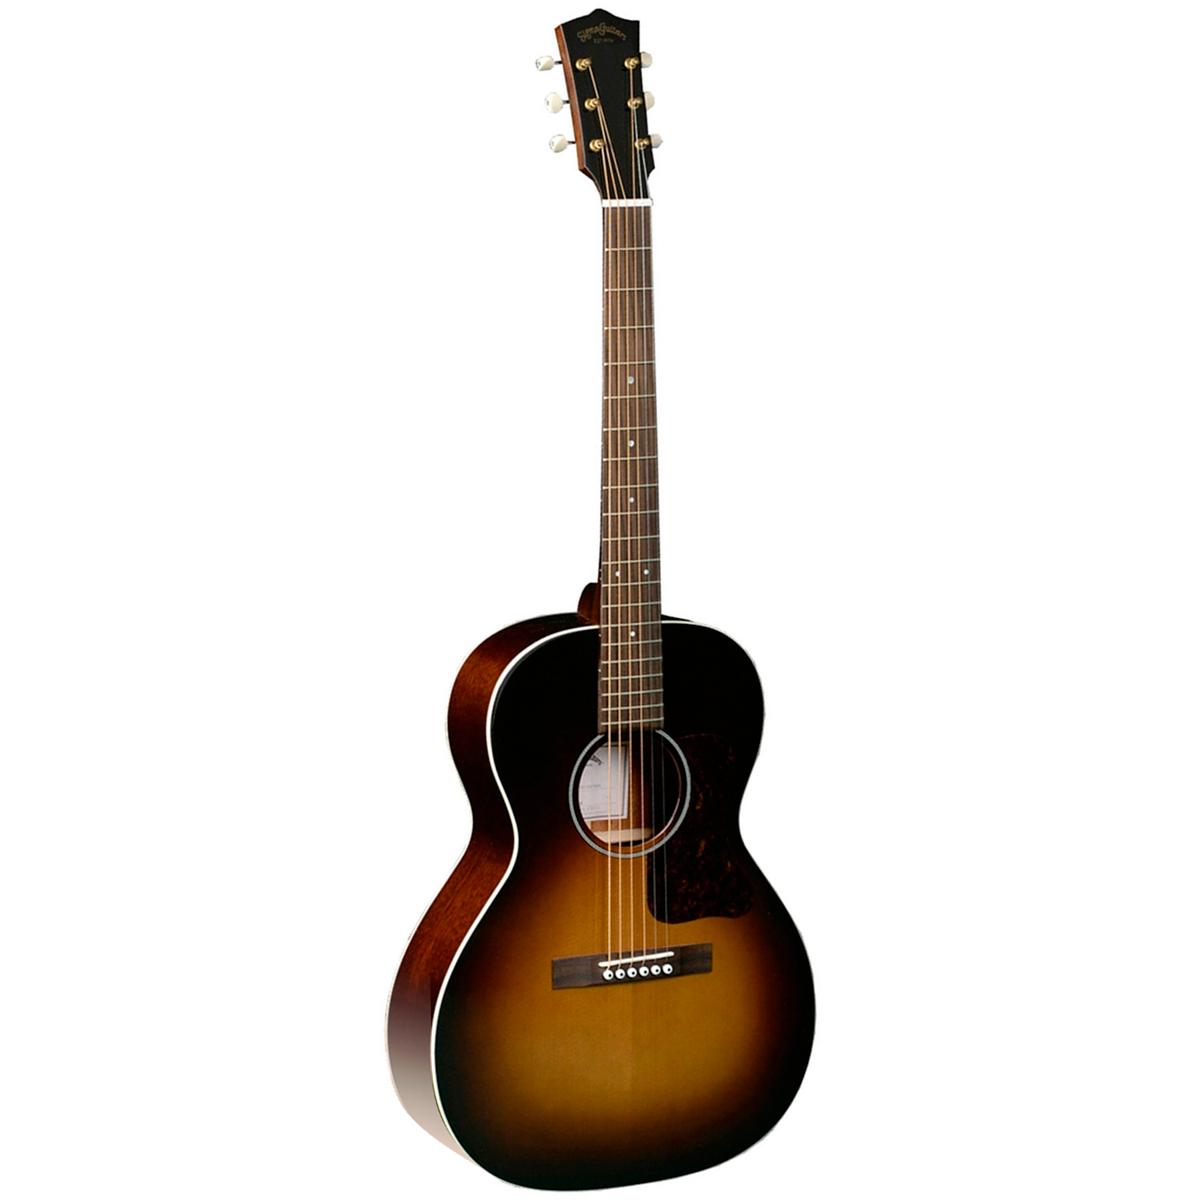 Billede af Sigma LM-SG00 western-guitar